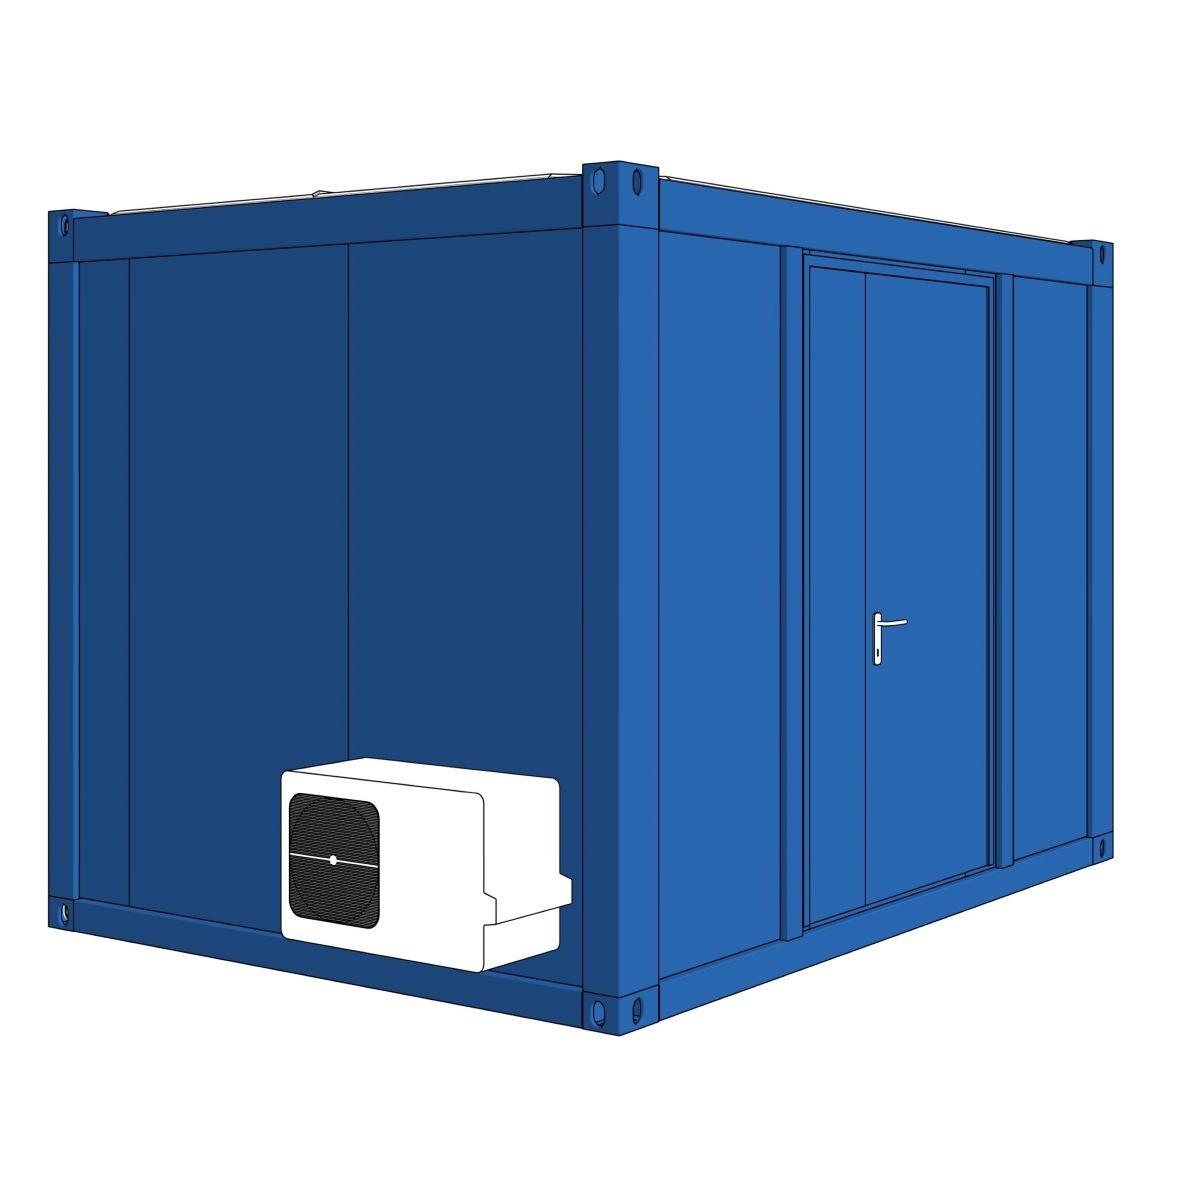 Algeco Schaltschrankcontainer